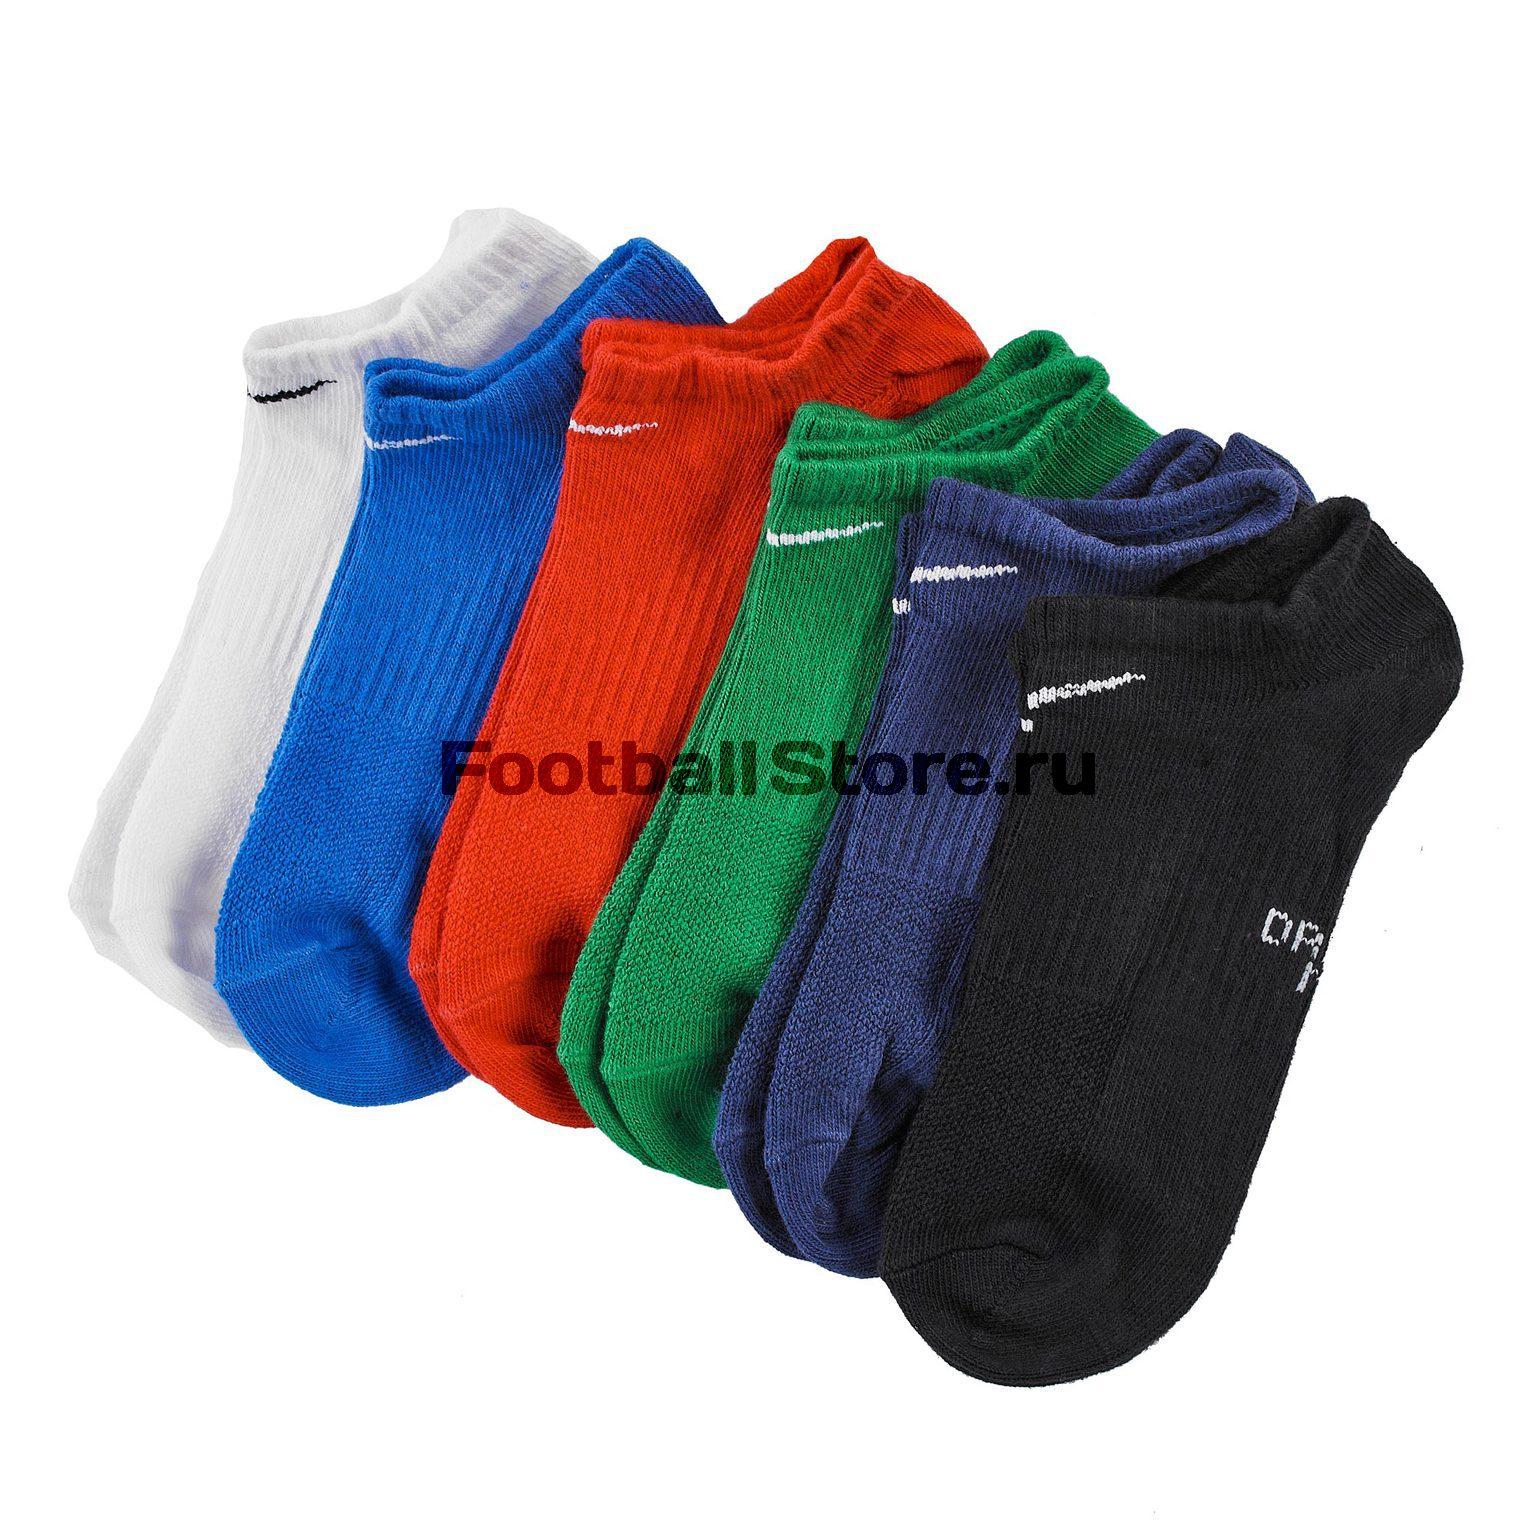 Комплект носков (6 пар) Nike SX6870-964 цена